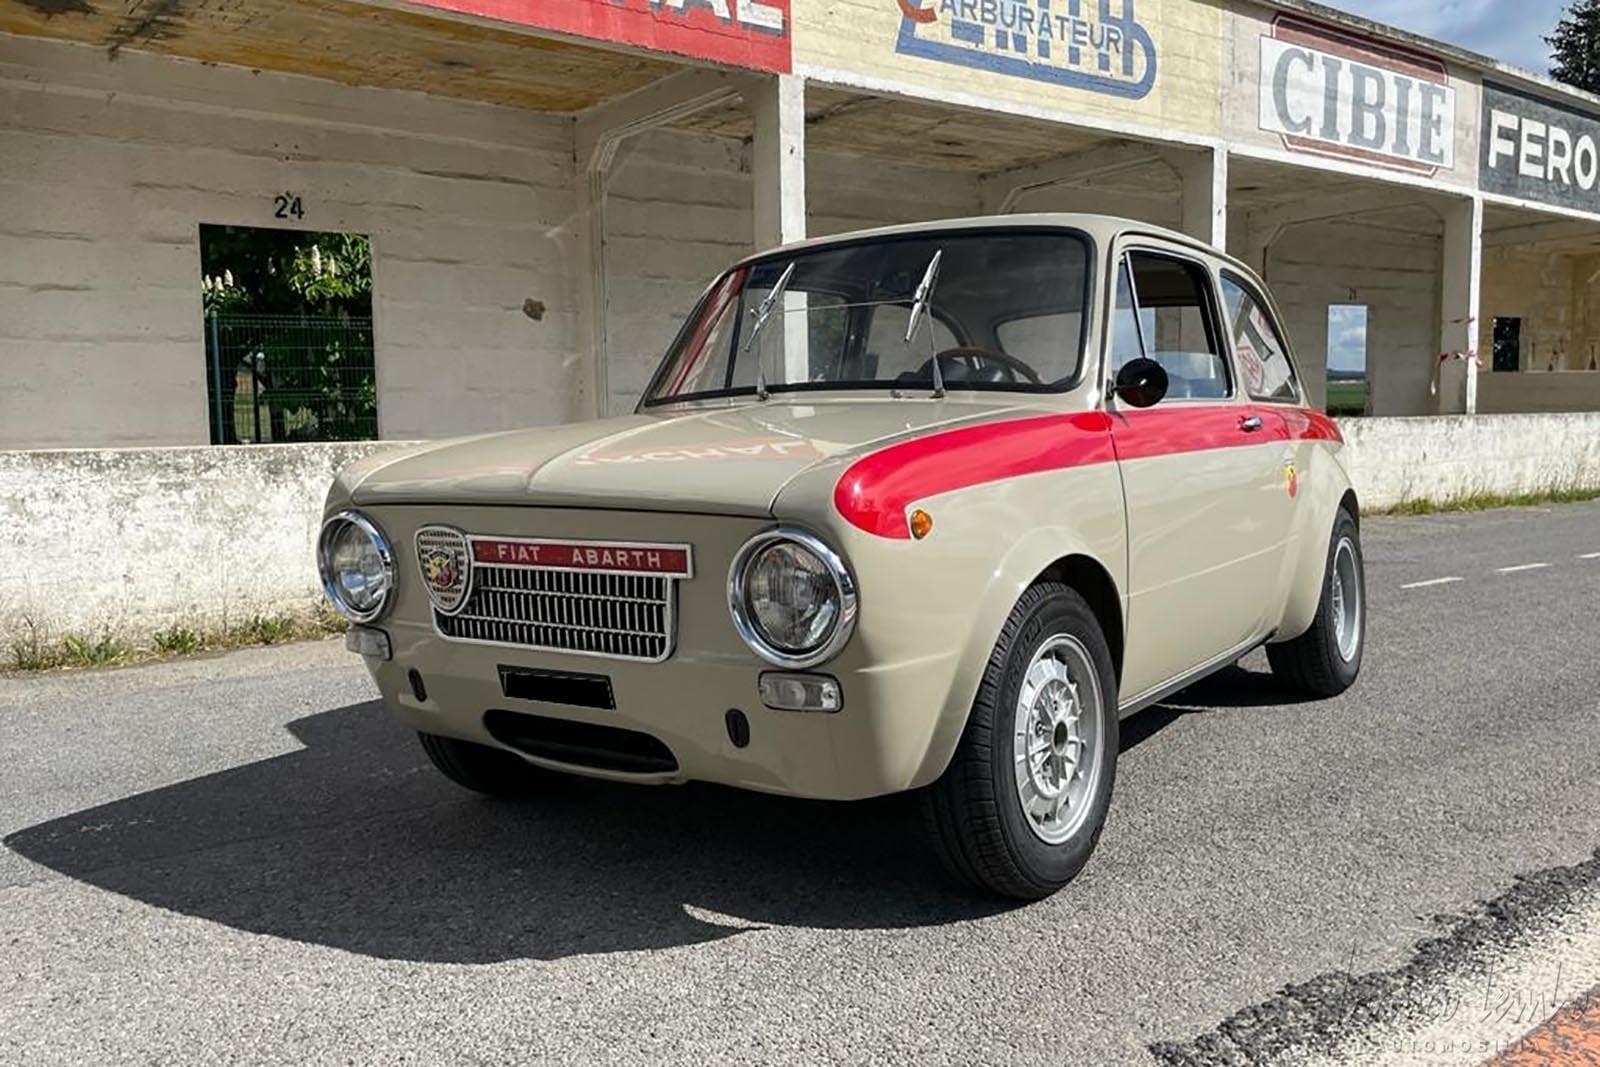 Fiat--Abarth-1600-OT-tipo-102-B--1965-(2)